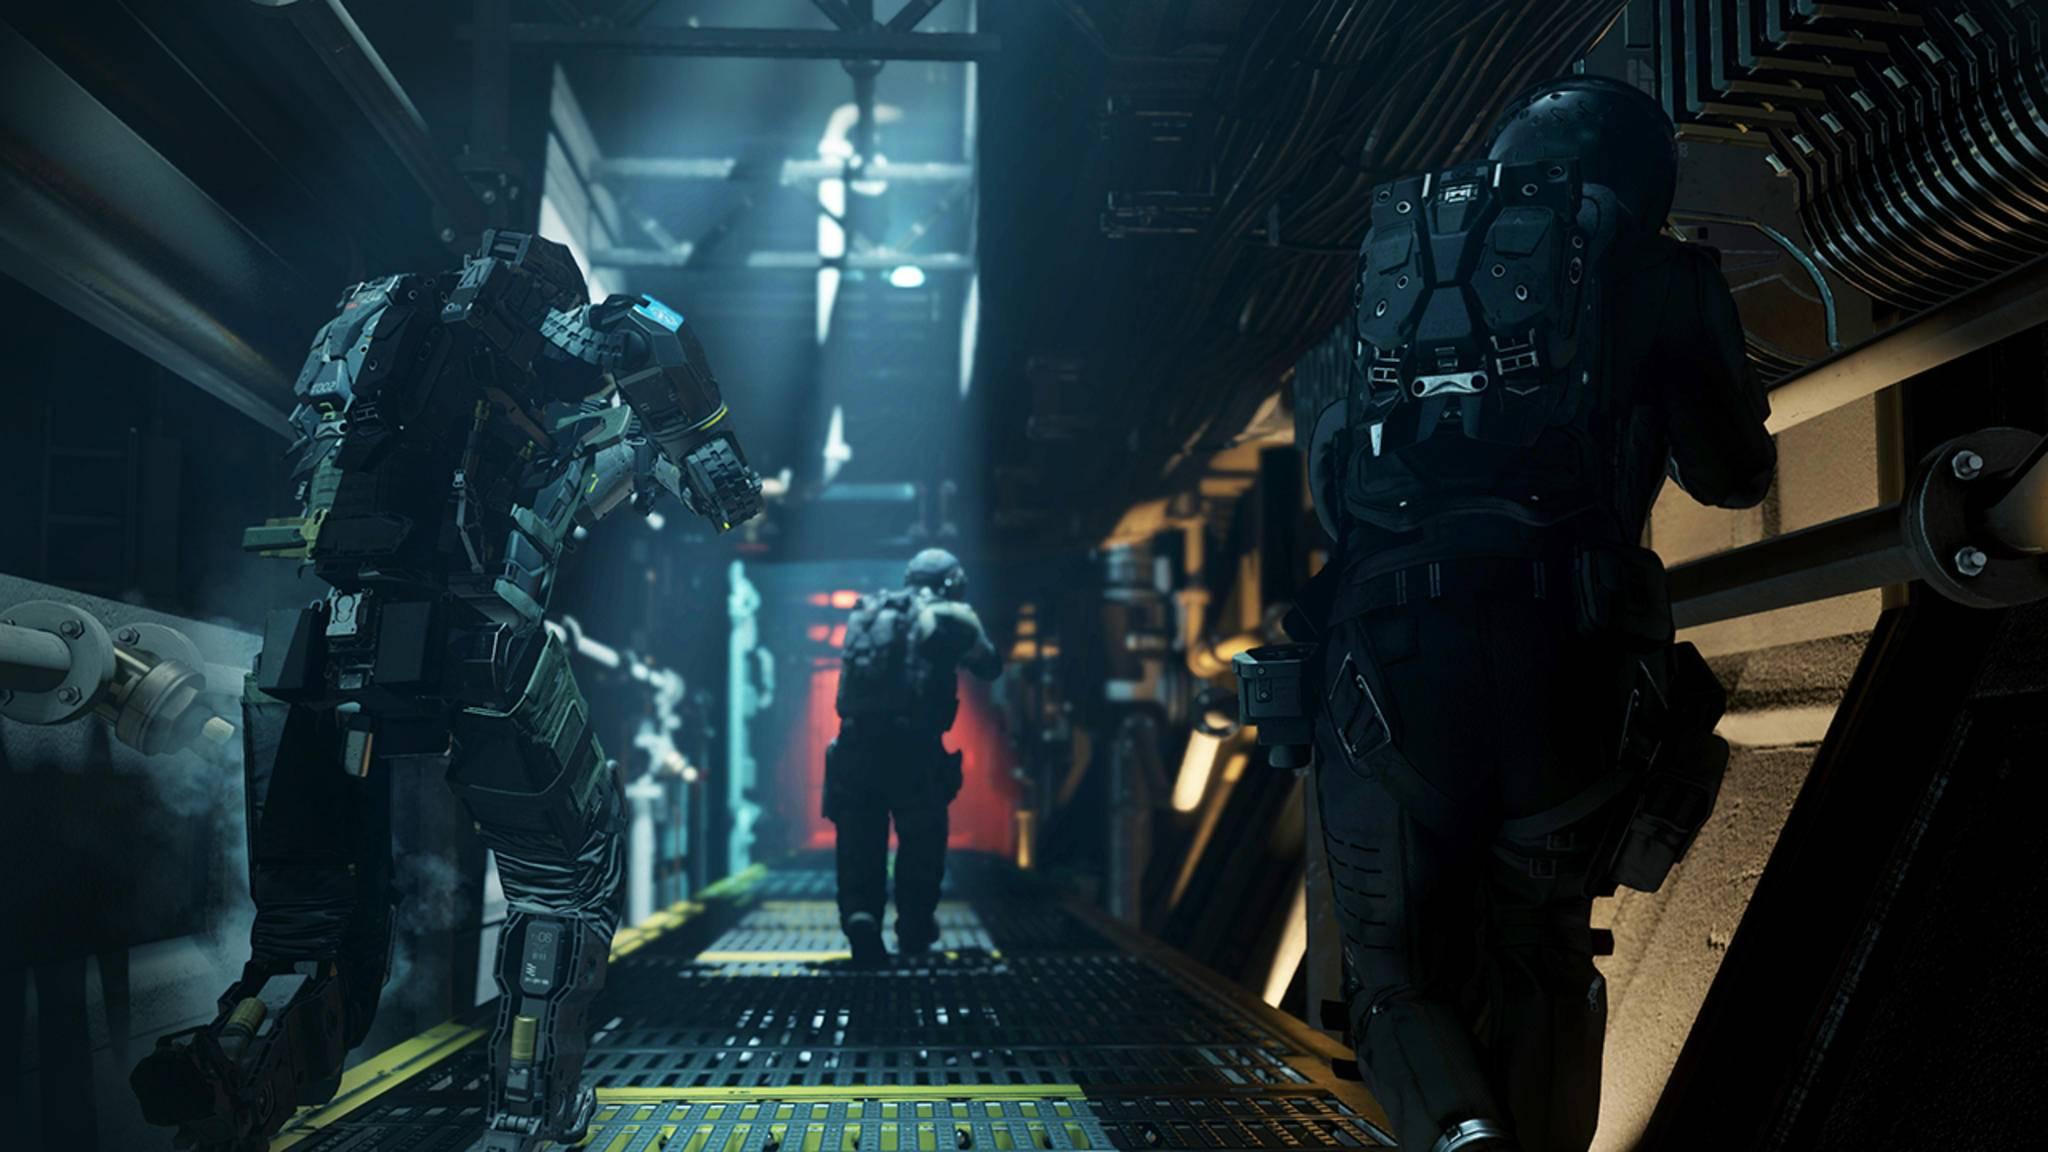 """""""Call of Duty: Infinite Warfare"""" war bei etlichen Spielern aufgrund des futuristischen Settings nicht sehr beliebt."""